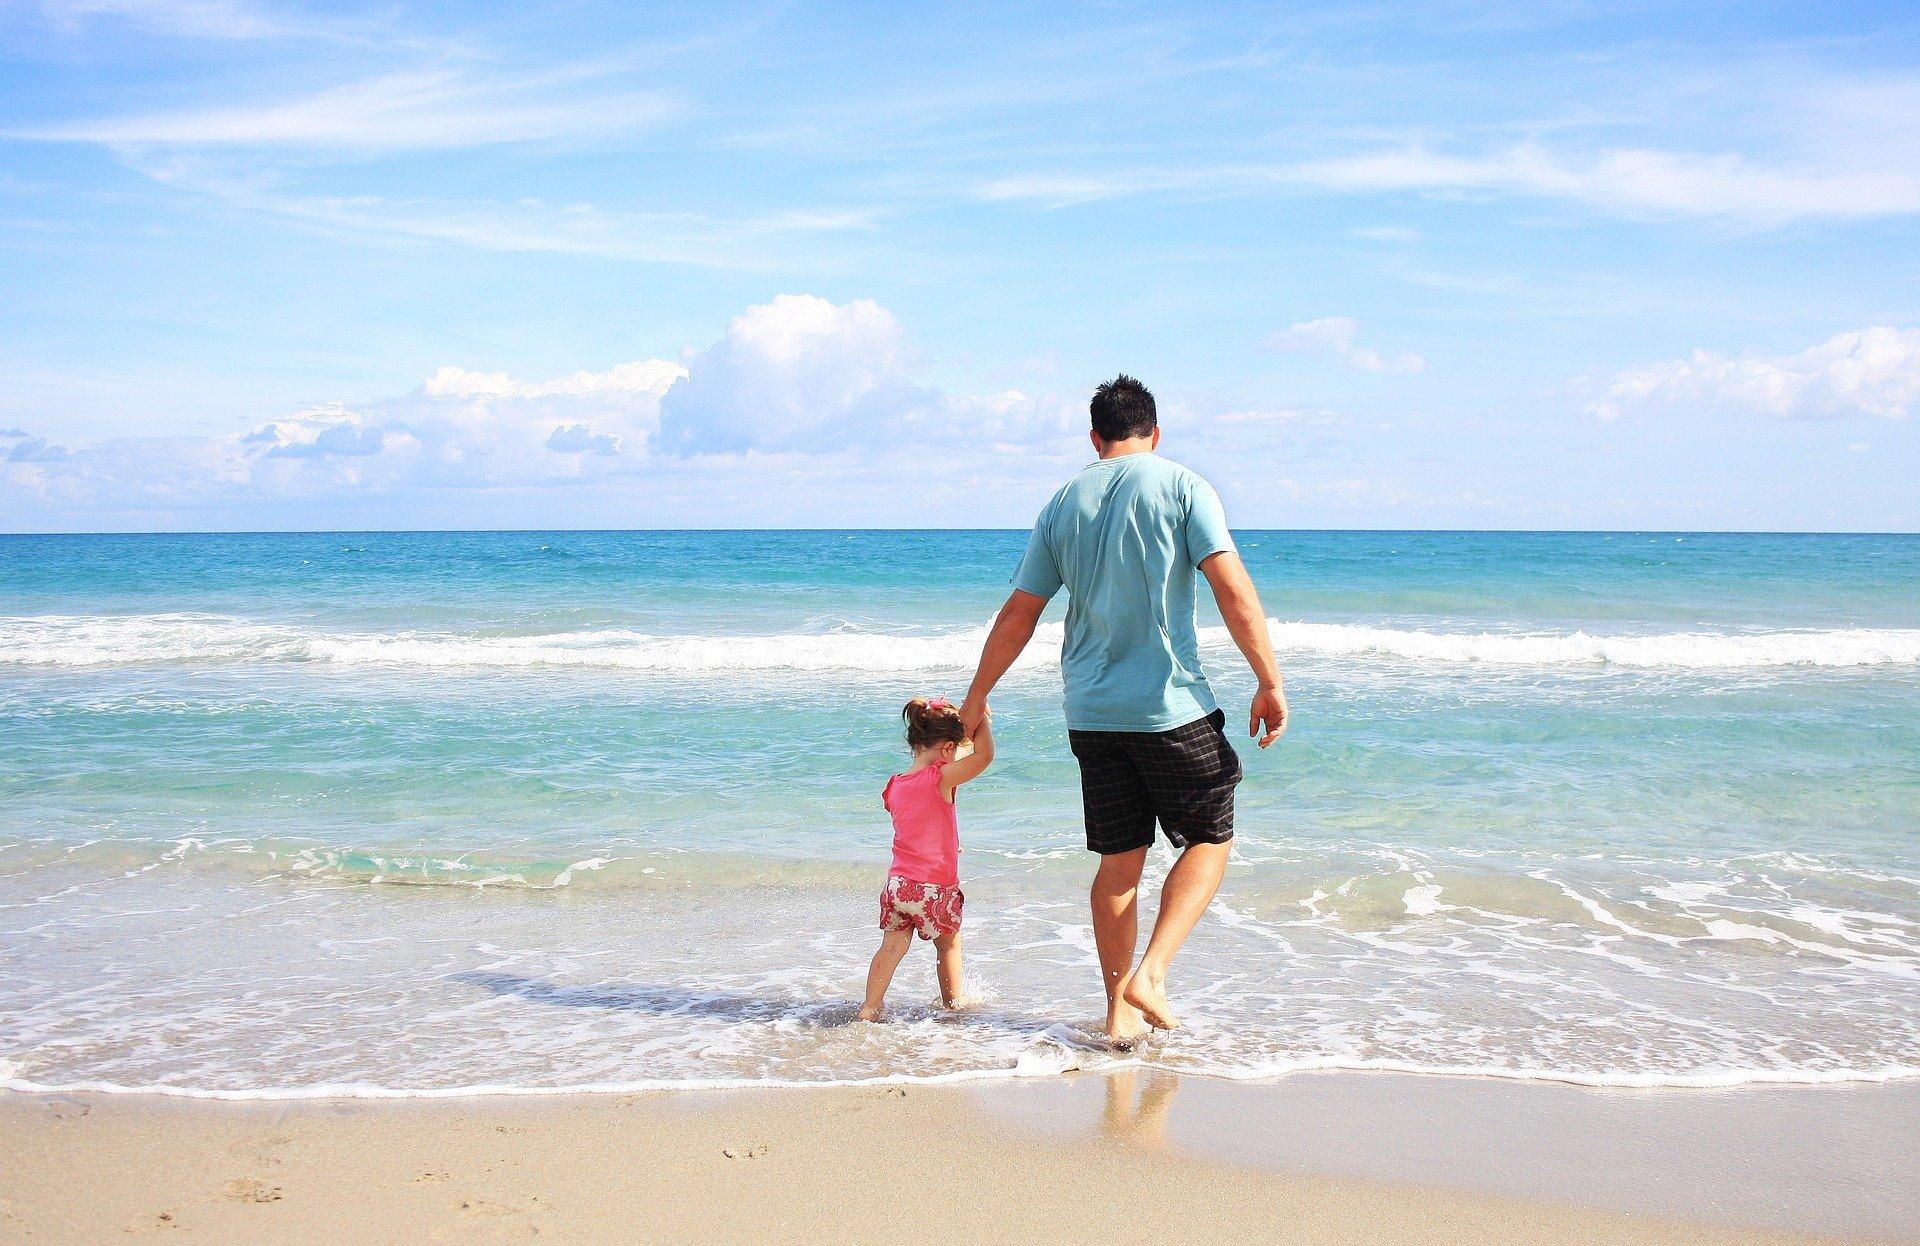 Foto de um homem de blusa azul e bermuda preta, caminhando na beira do mar de mãos dadas com uma menina de roupa rosa. Imagem ilustrativa para texto tipos de seguro de vida.